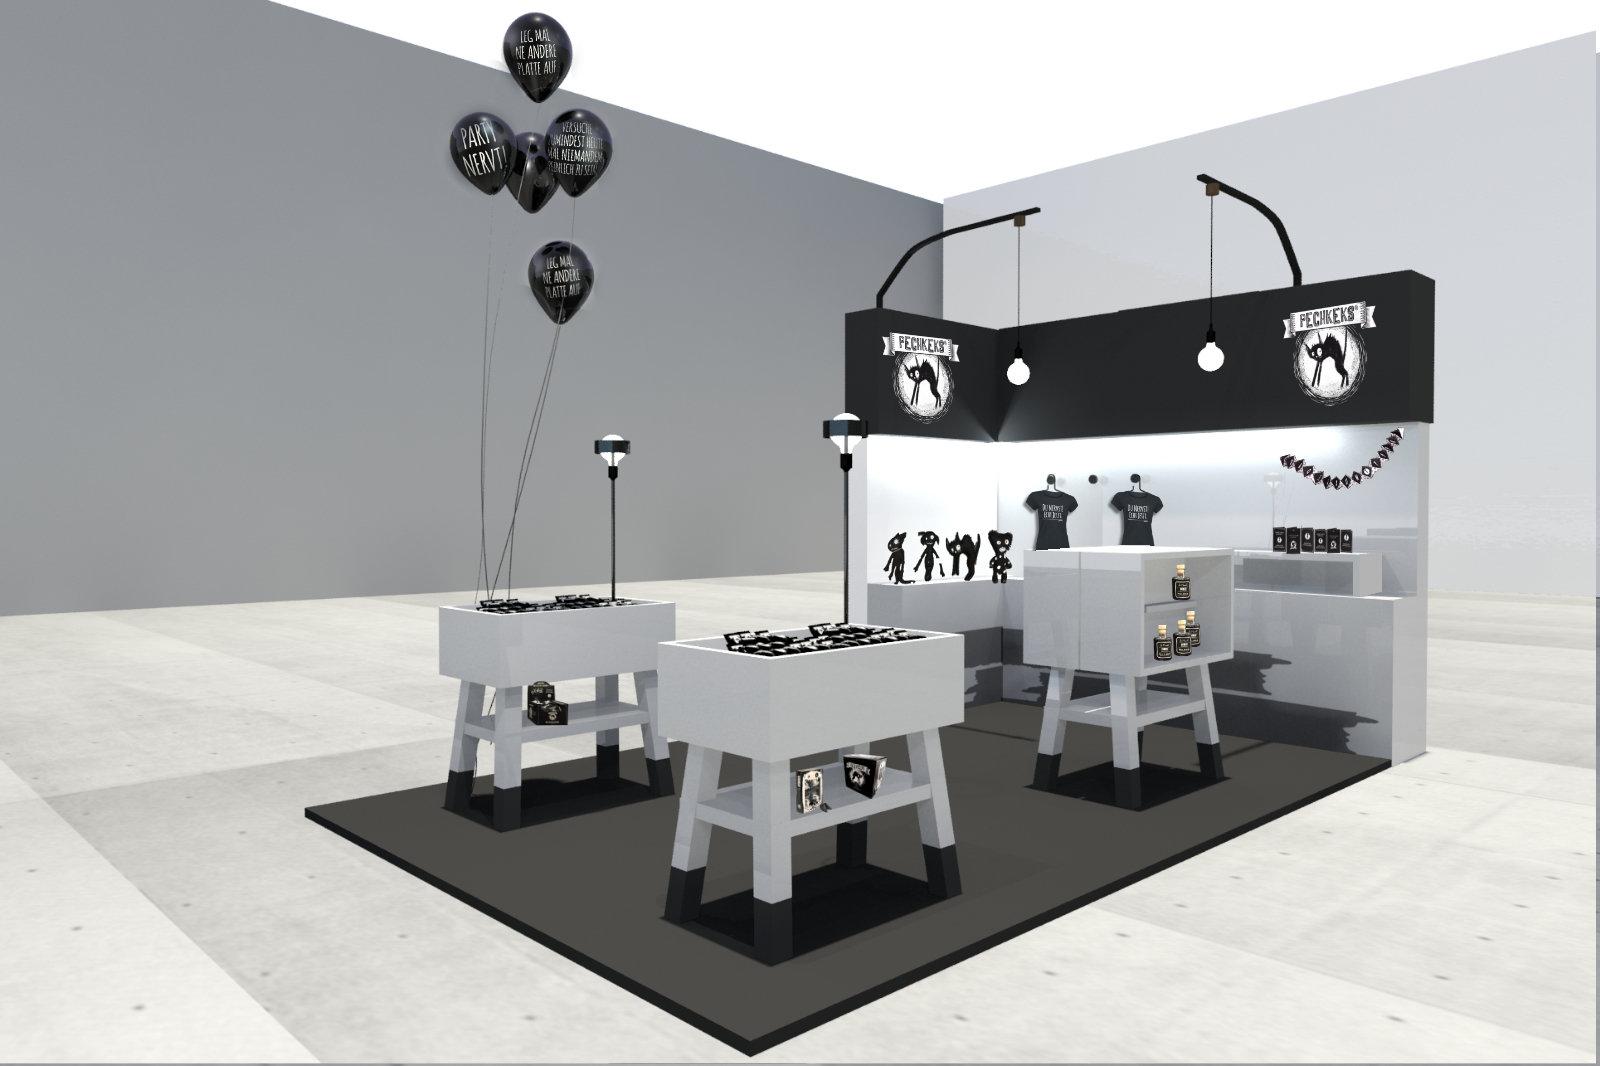 Messetand-Entwurf Schwarz Weiß